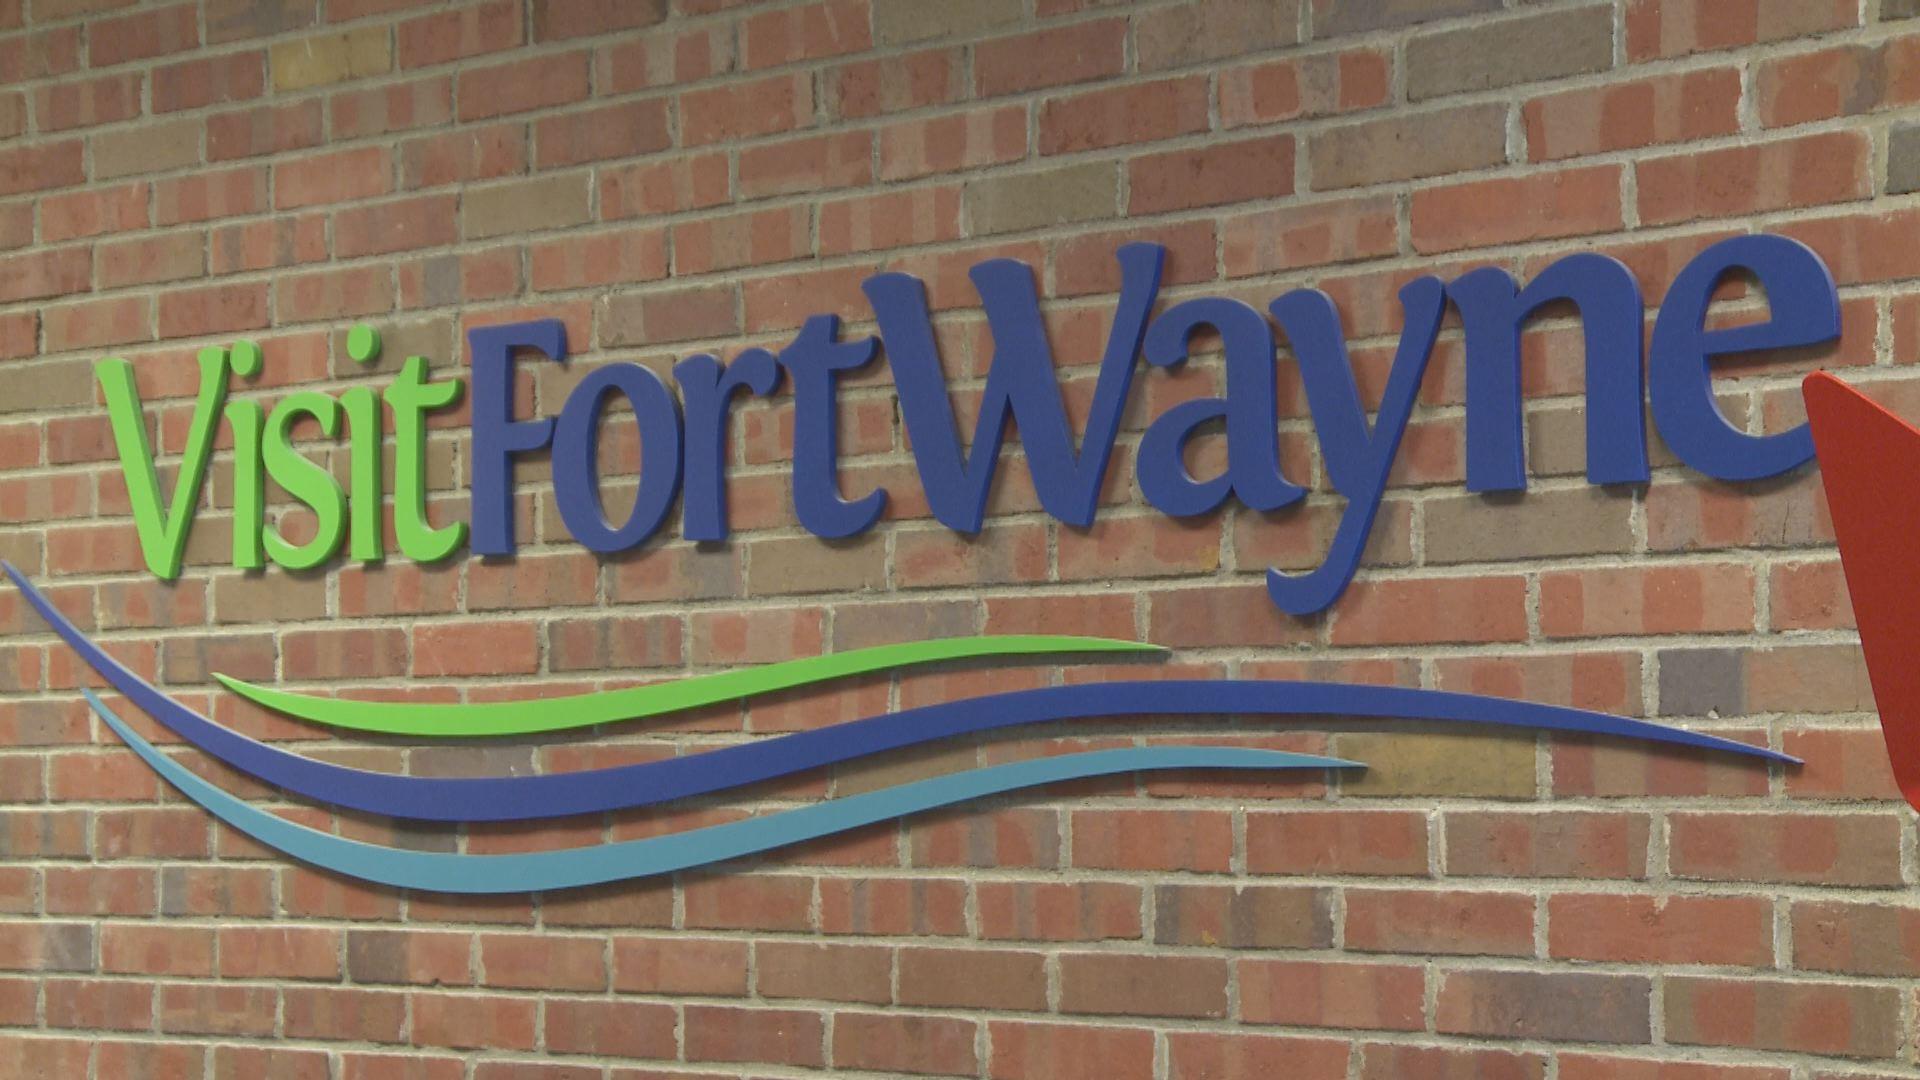 Visit Fort Wayne_1554744588655.jpg.jpg